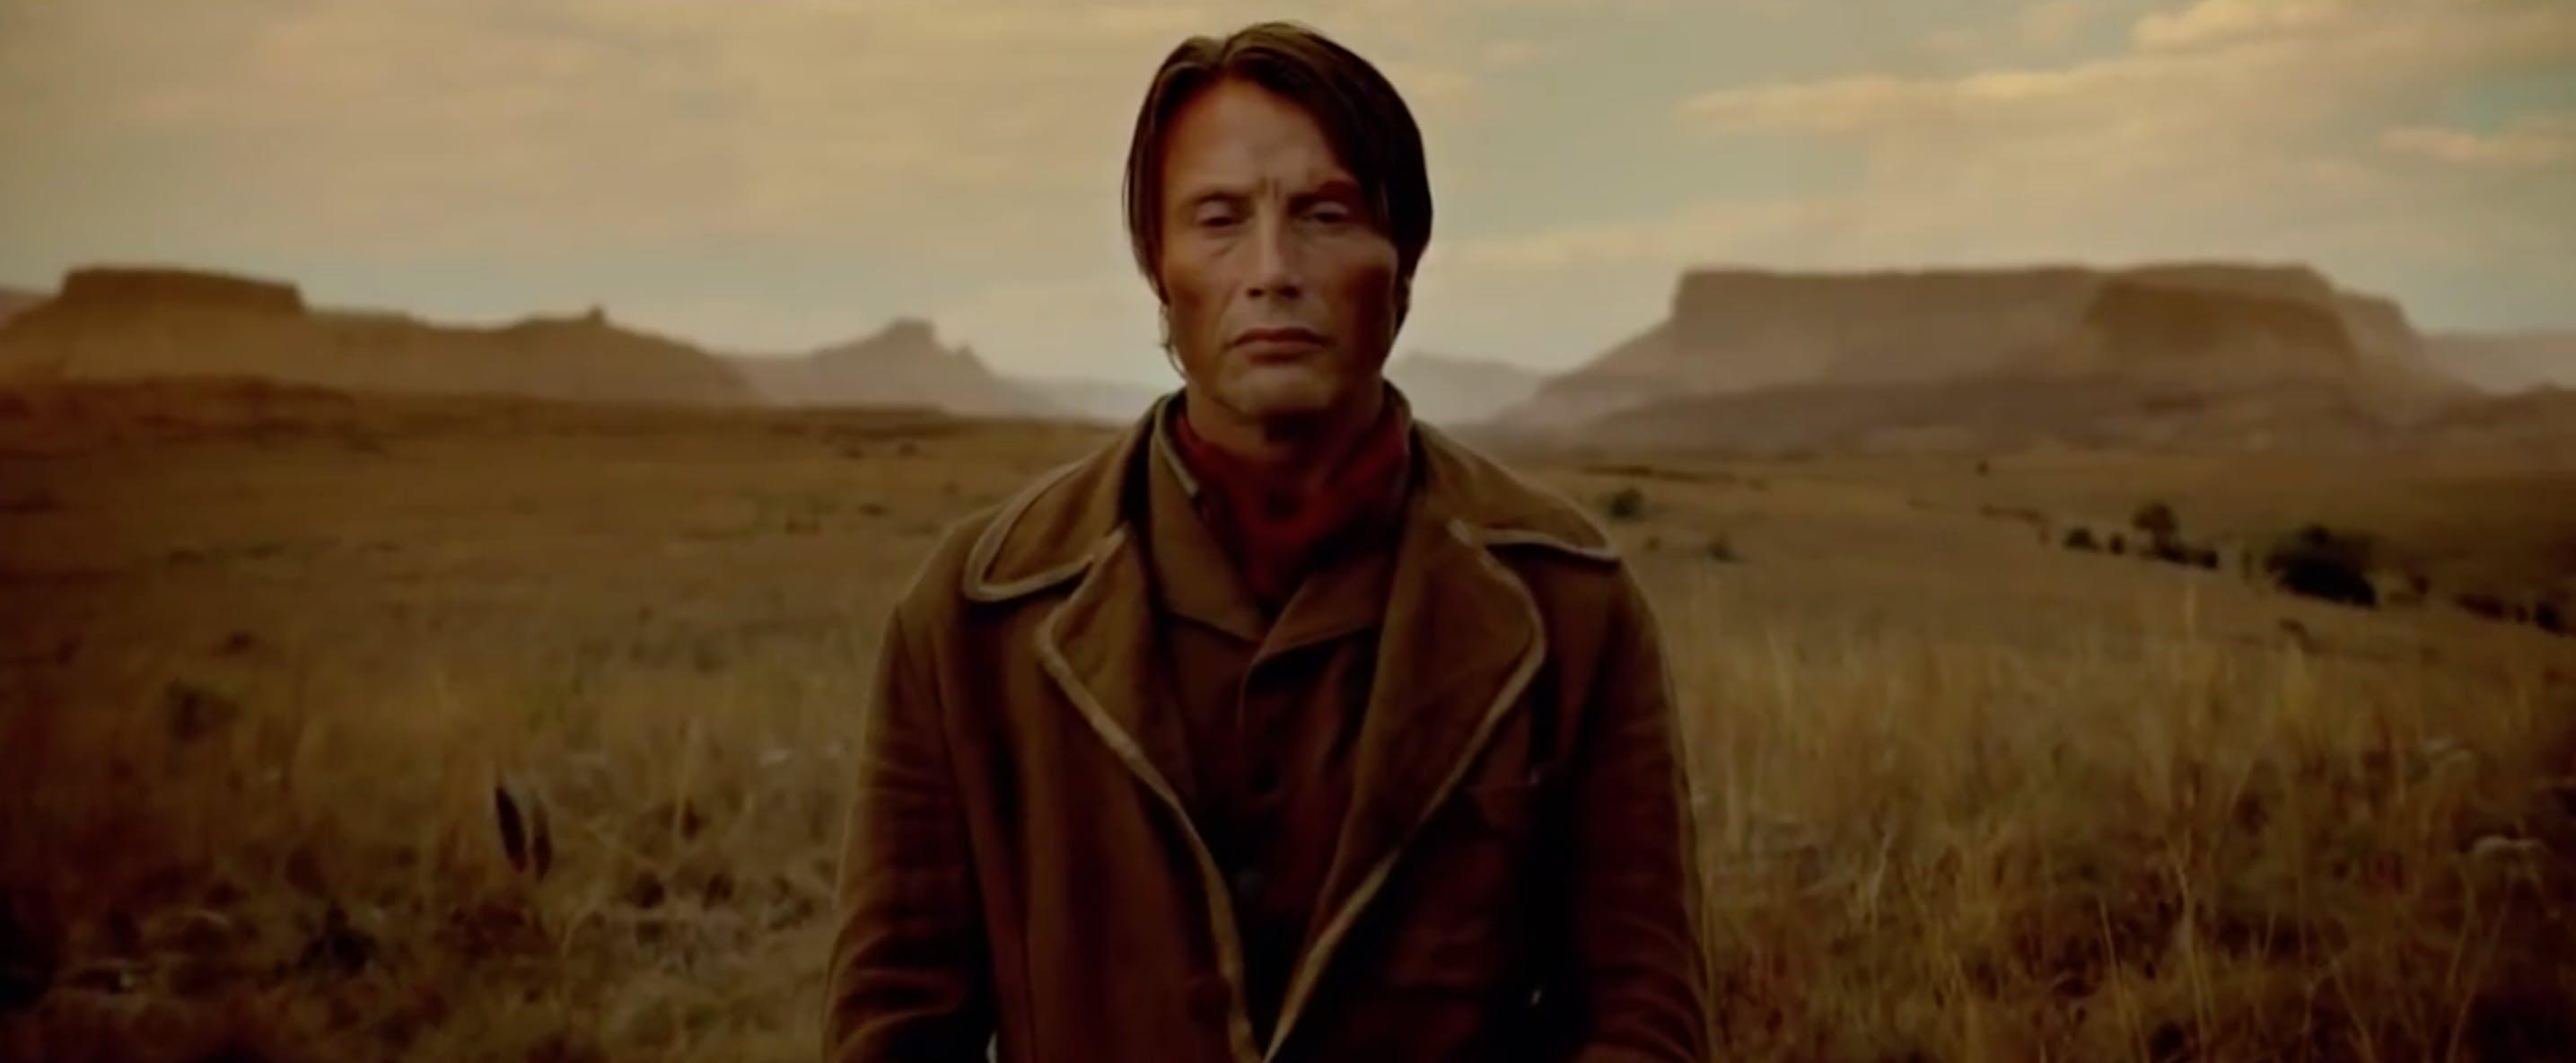 Best Westerns on Netflix: The Salvation